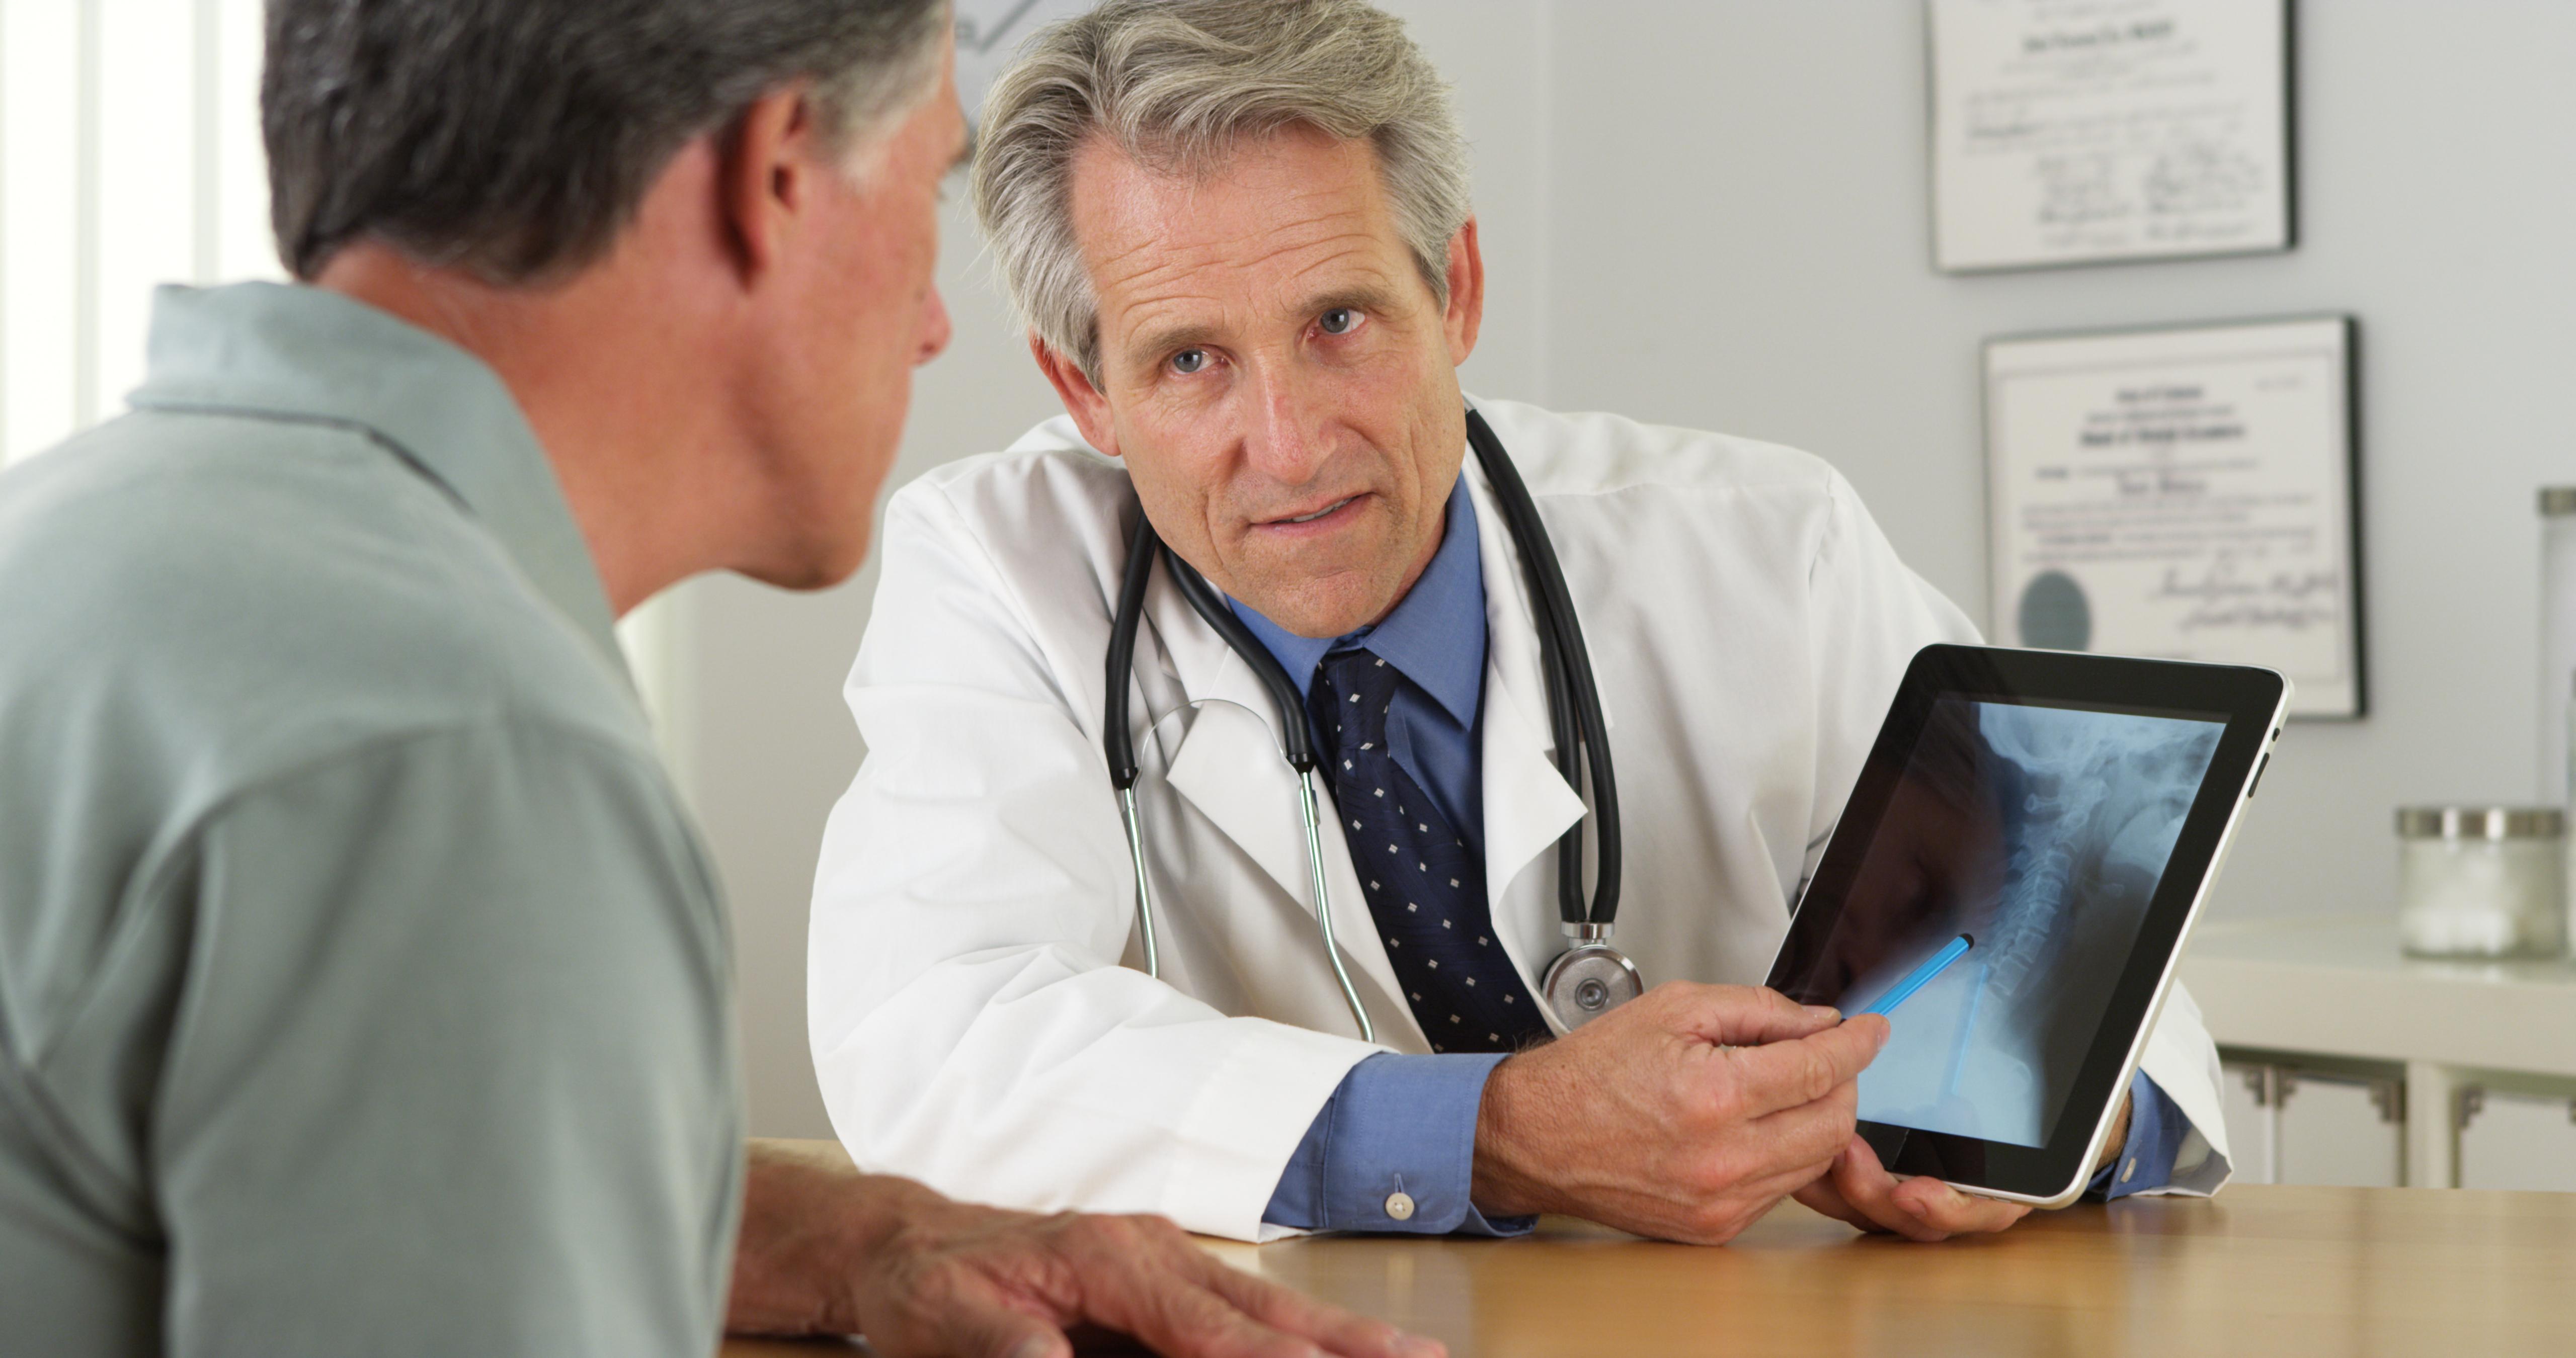 Médico utiliza telemedicina em atendimento de baixa complexidade em saúde